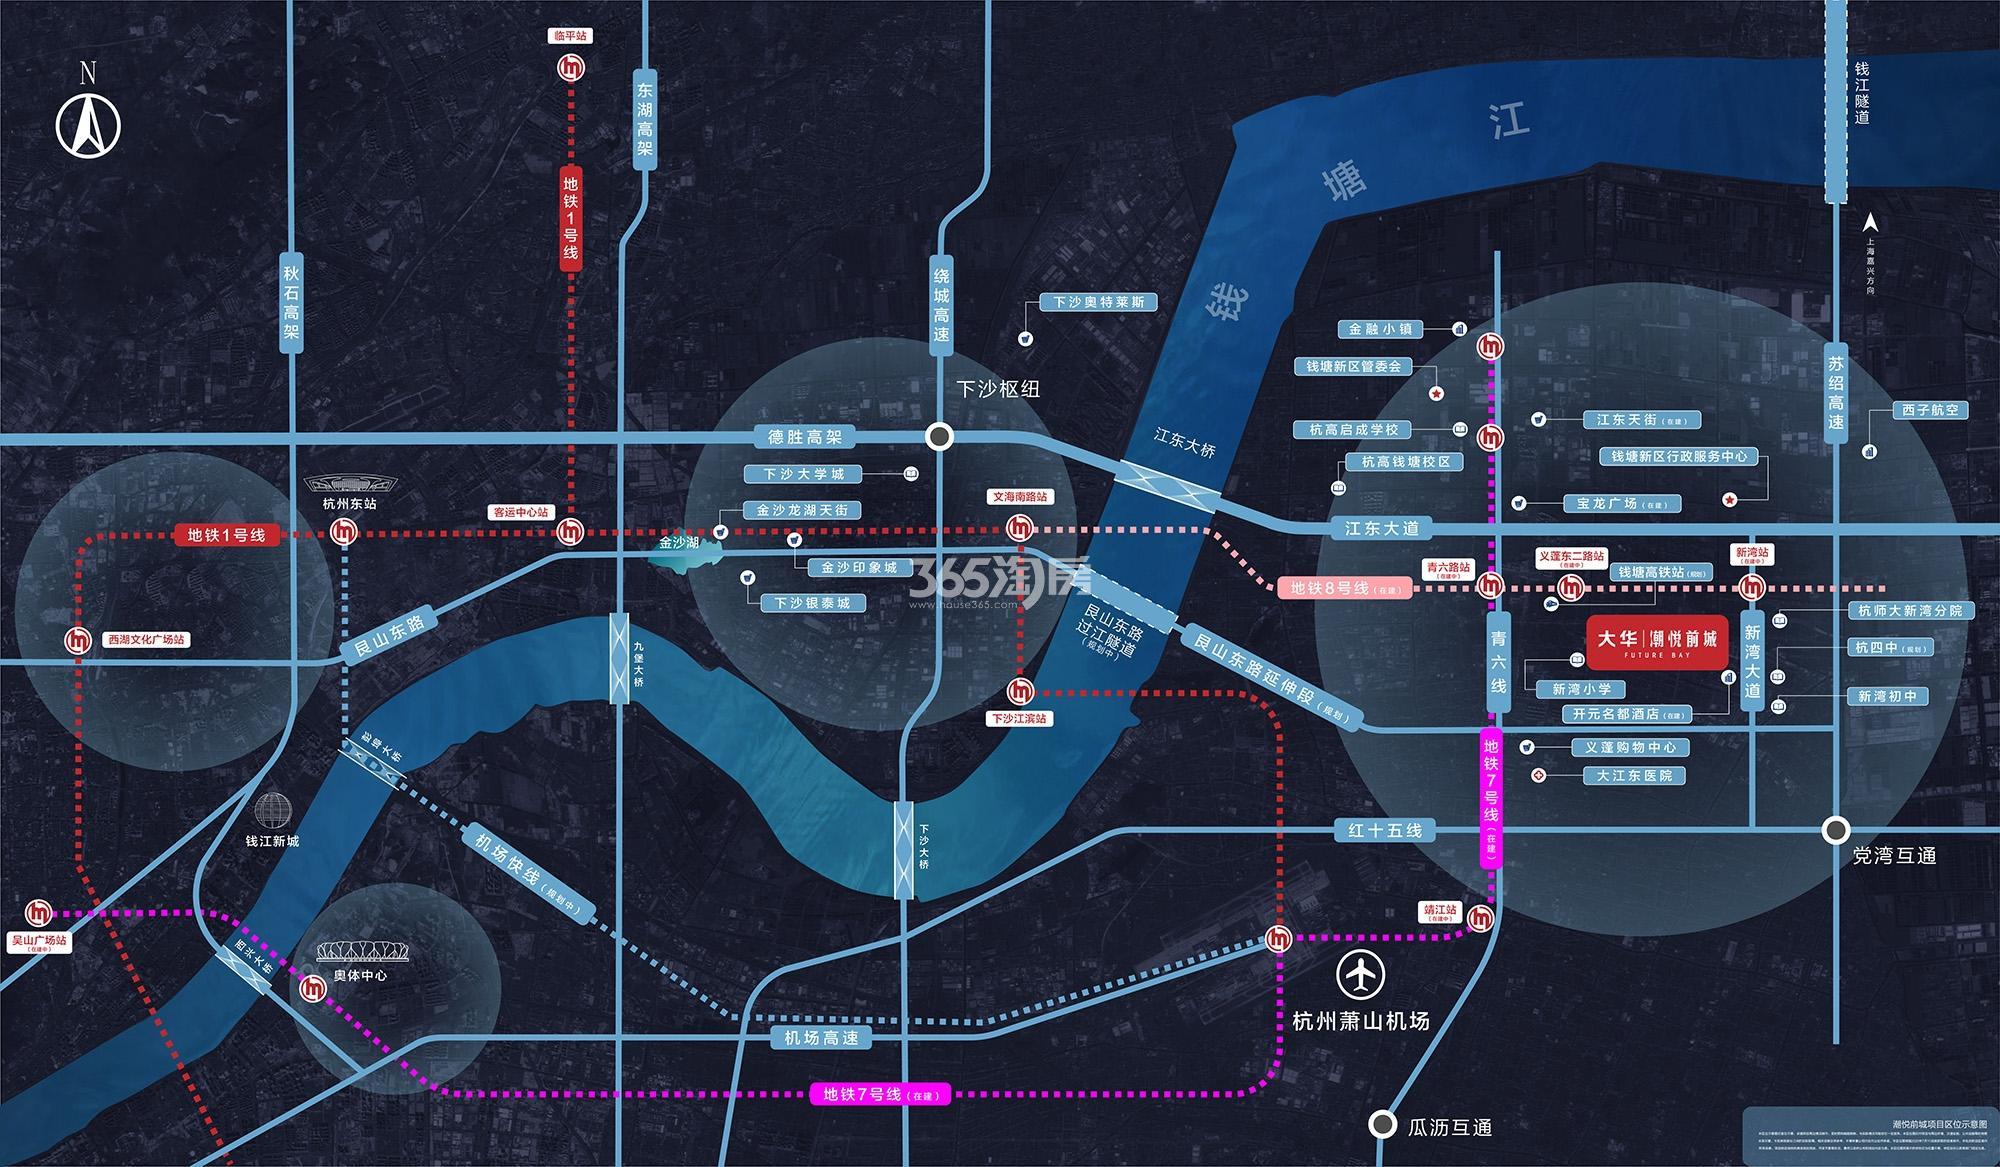 上海大华潮悦前城交通图